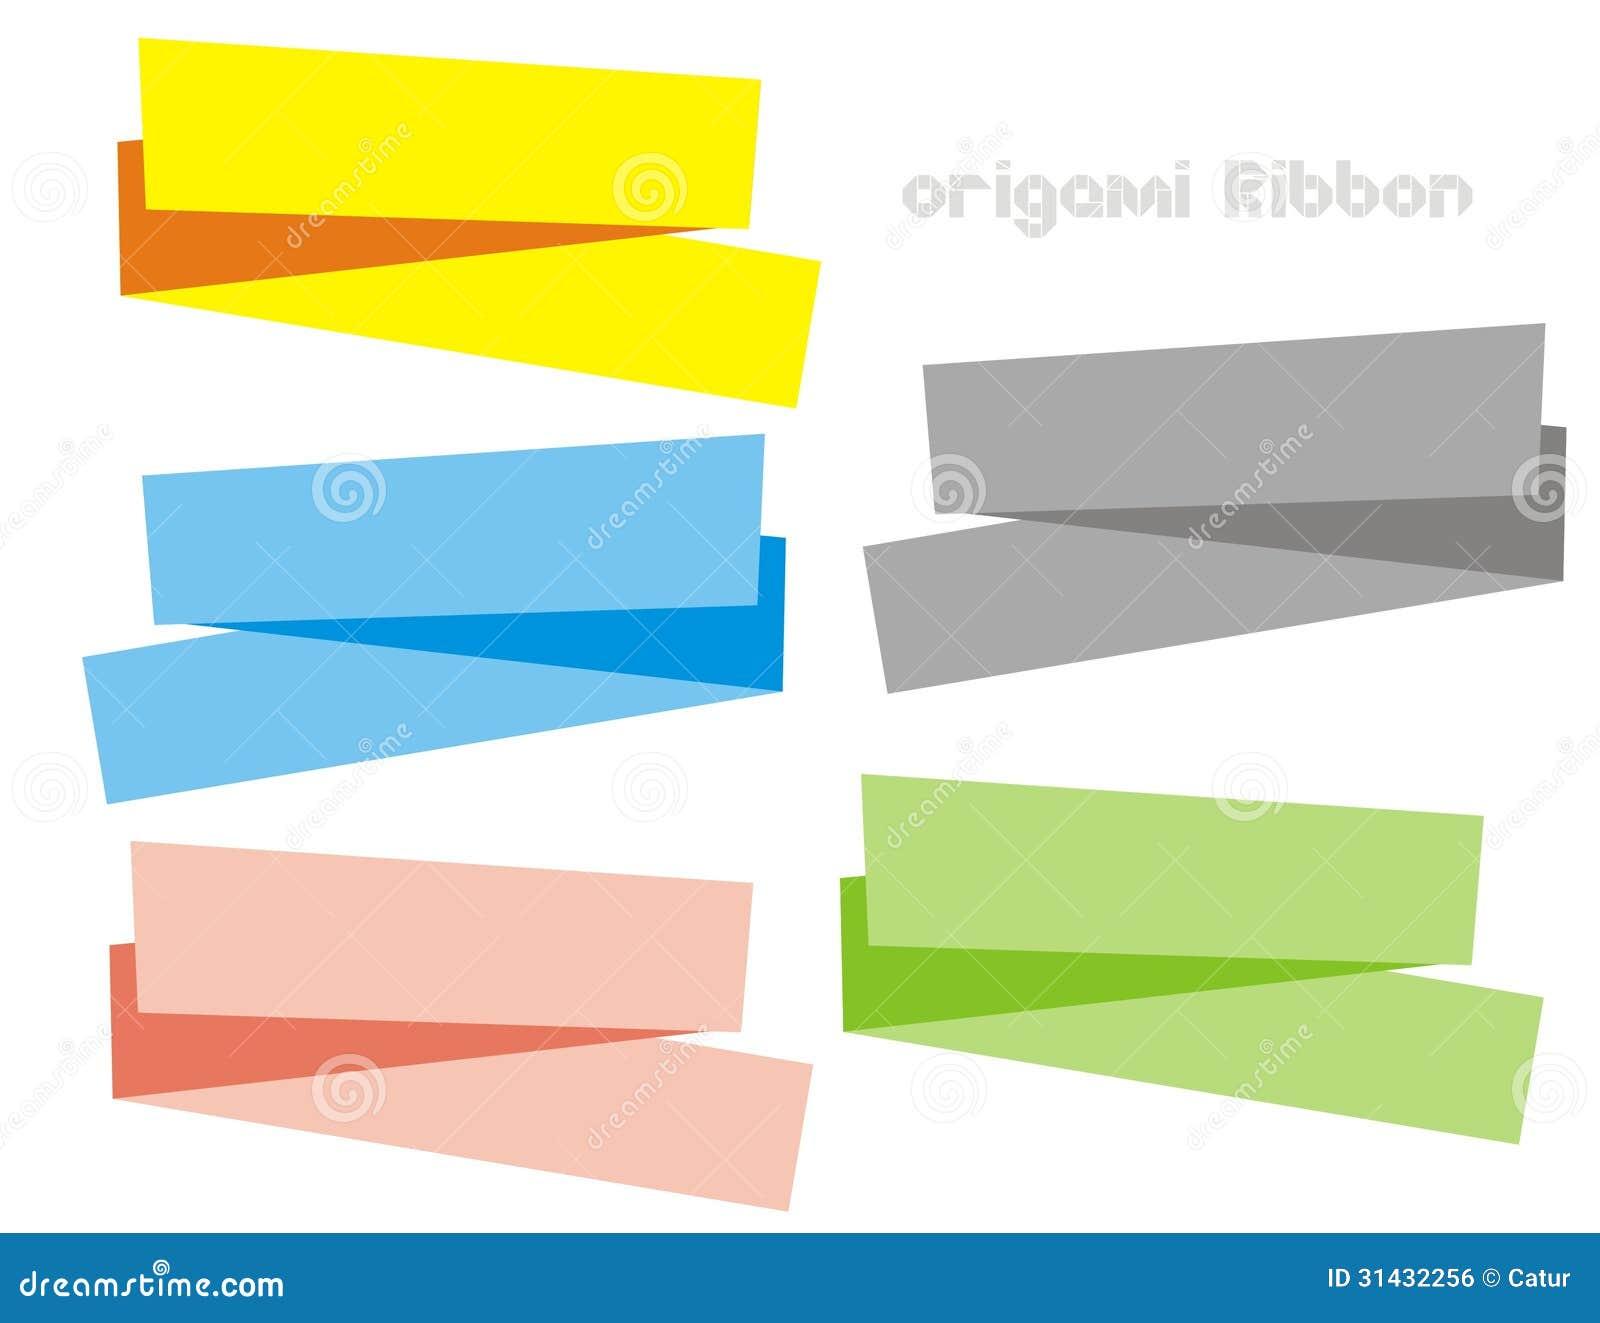 87 Gambar Origami Catur Paling Bagus